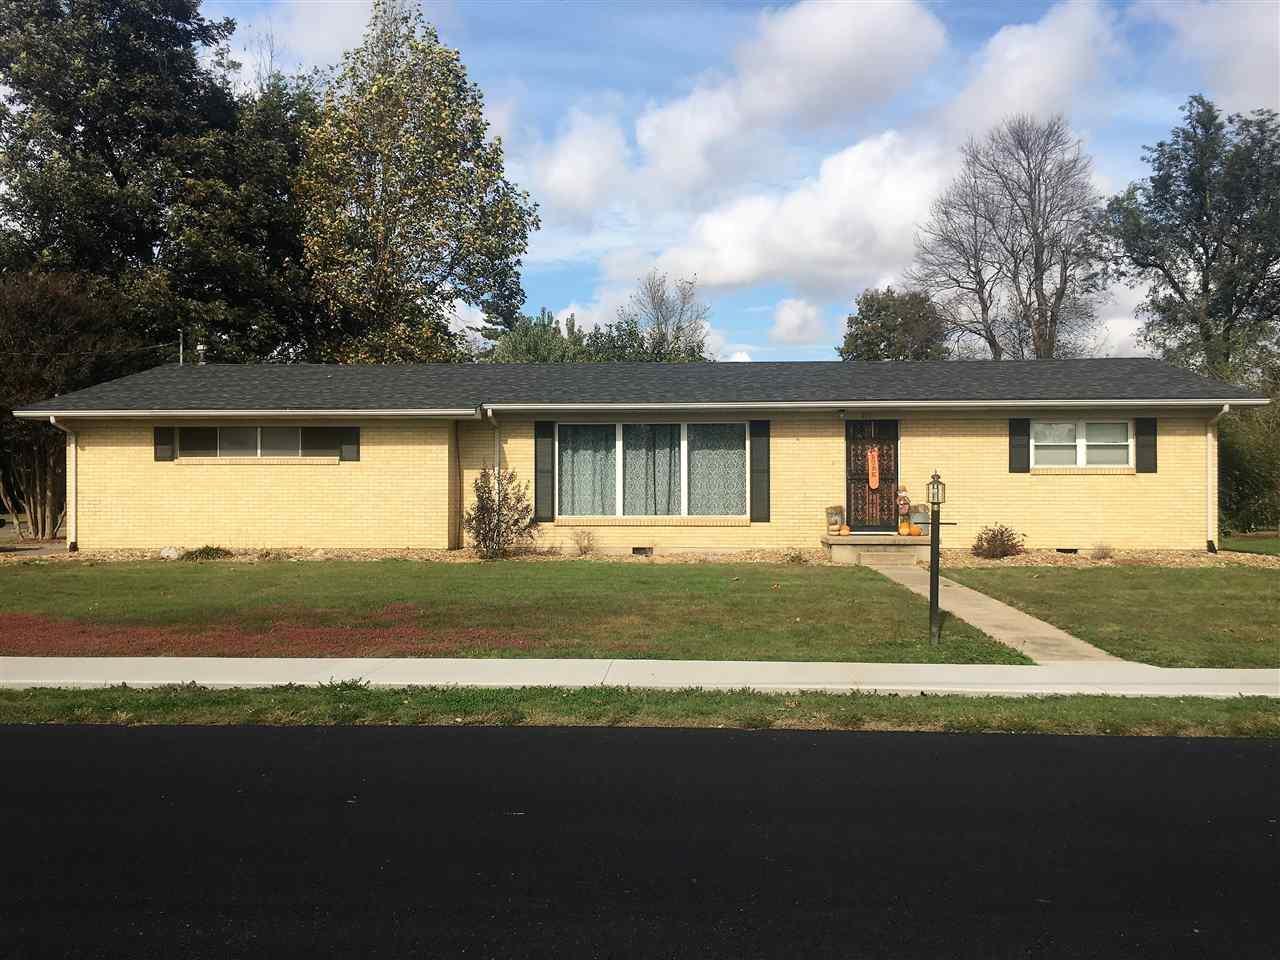 413 Bowman Ave, Bernie, MO